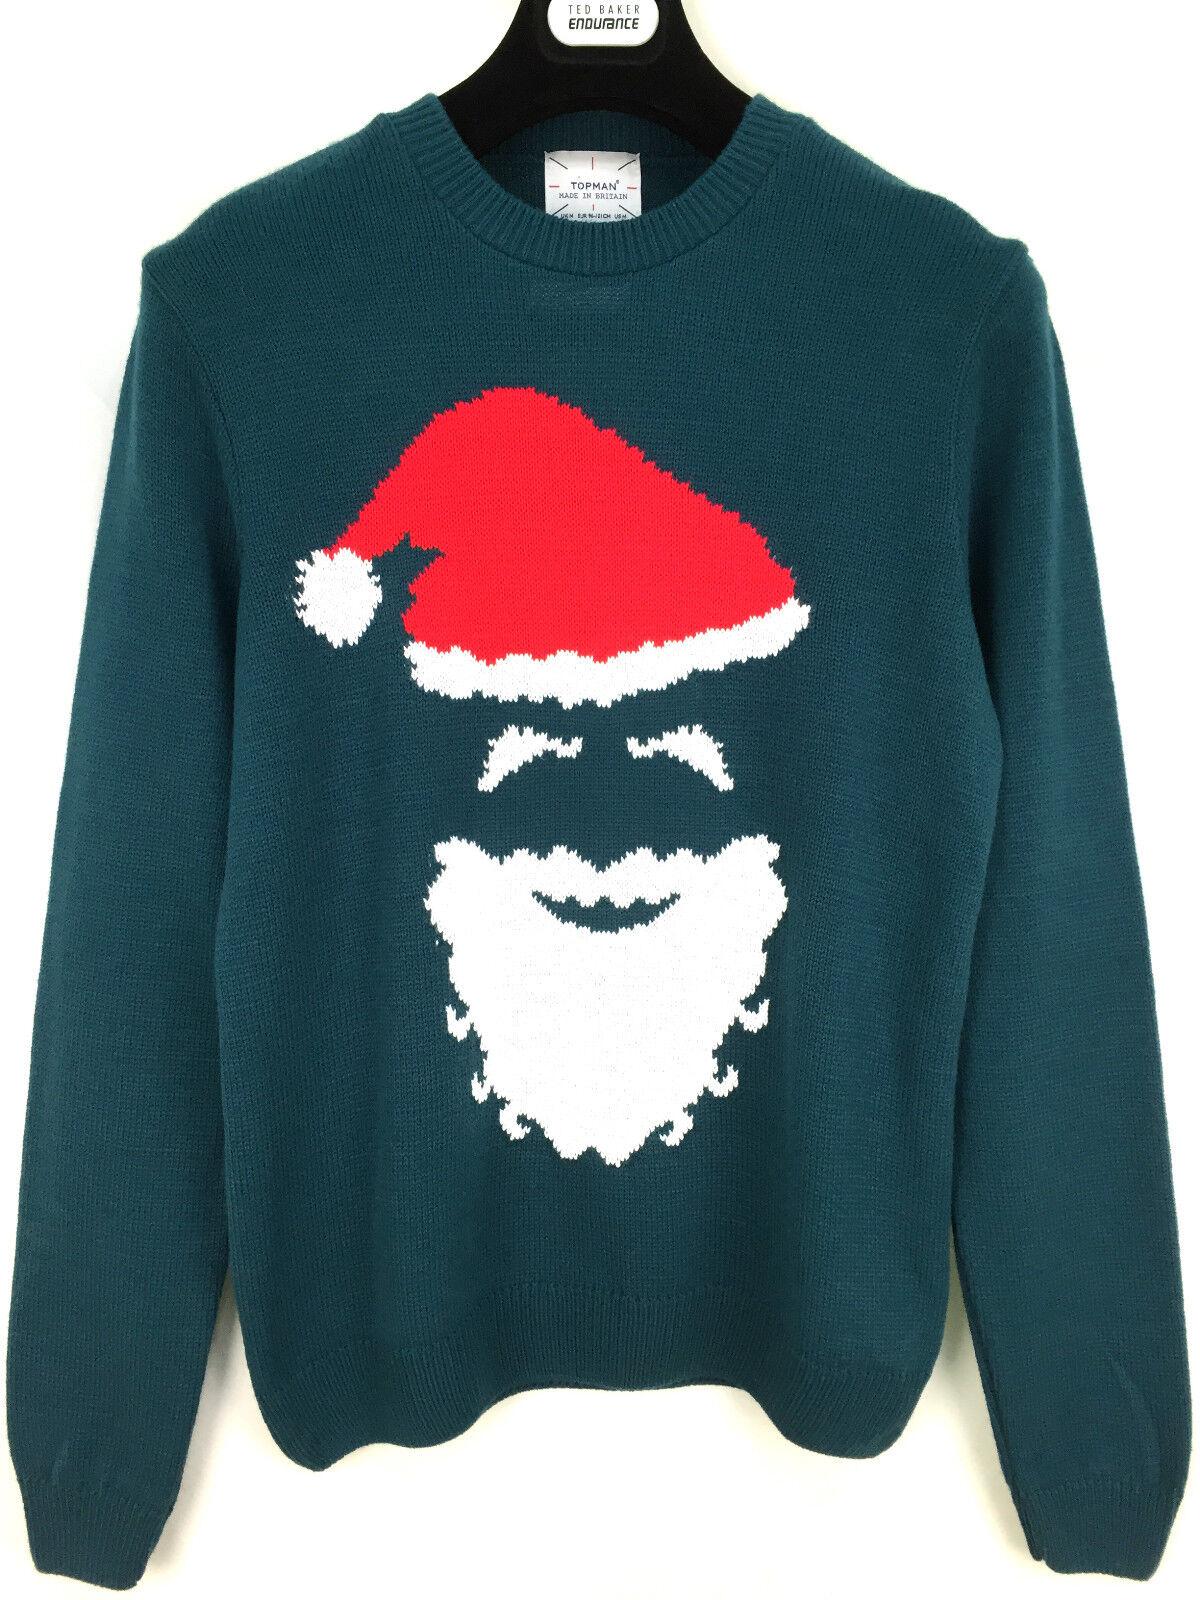 Details about Topman Herren Weihnachten Weihnachtsmann Pullover Sweatshirt Größe XS_S _M_ Grün